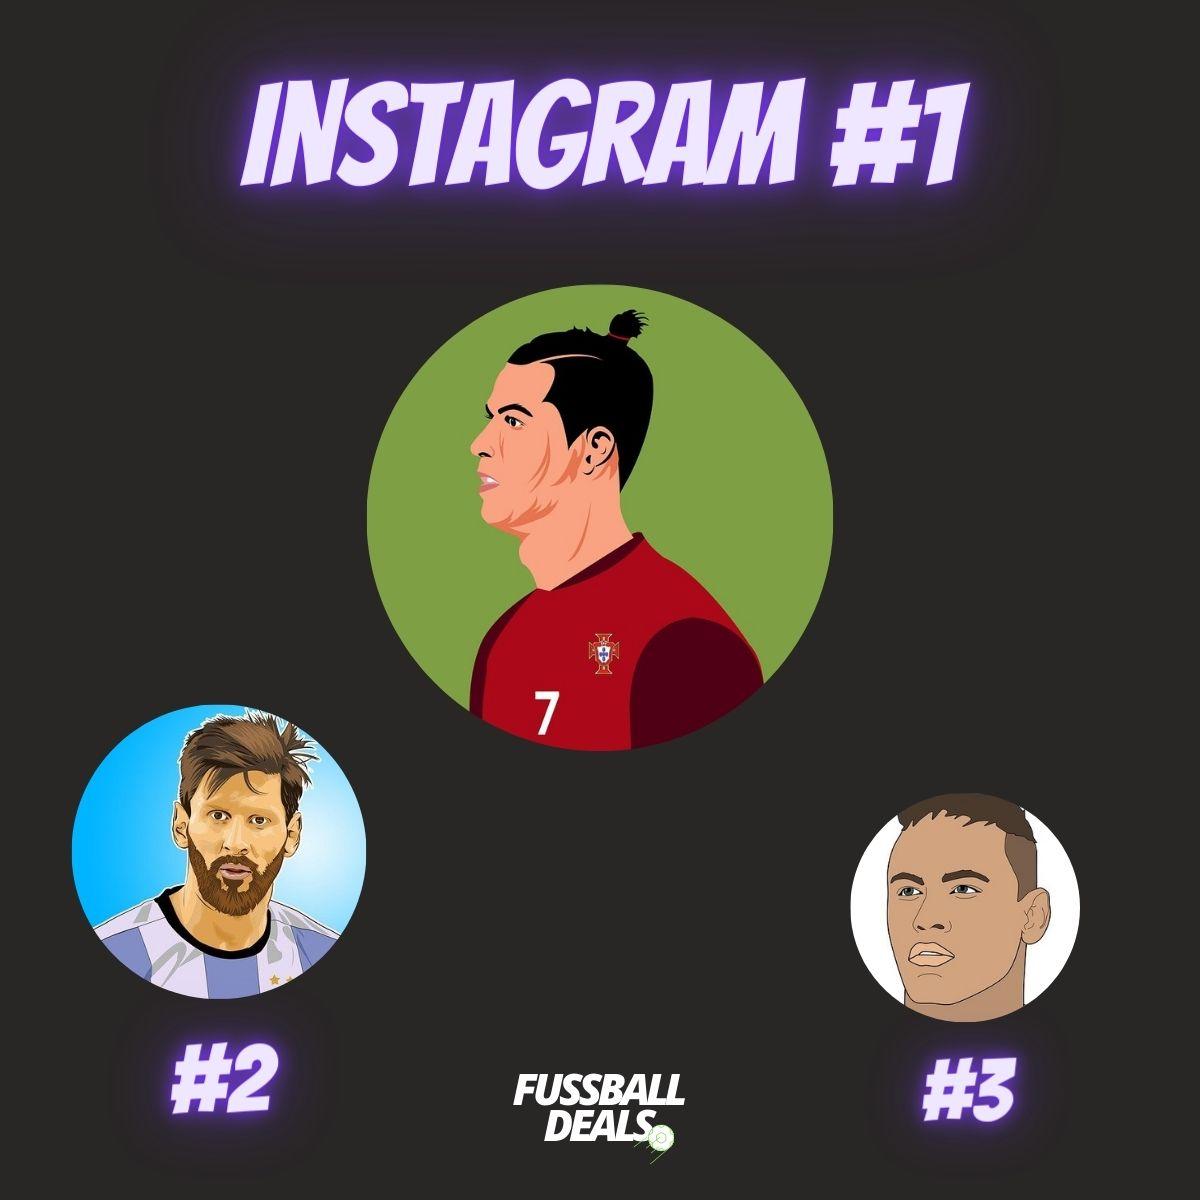 meiste follower instagram spieler fußball